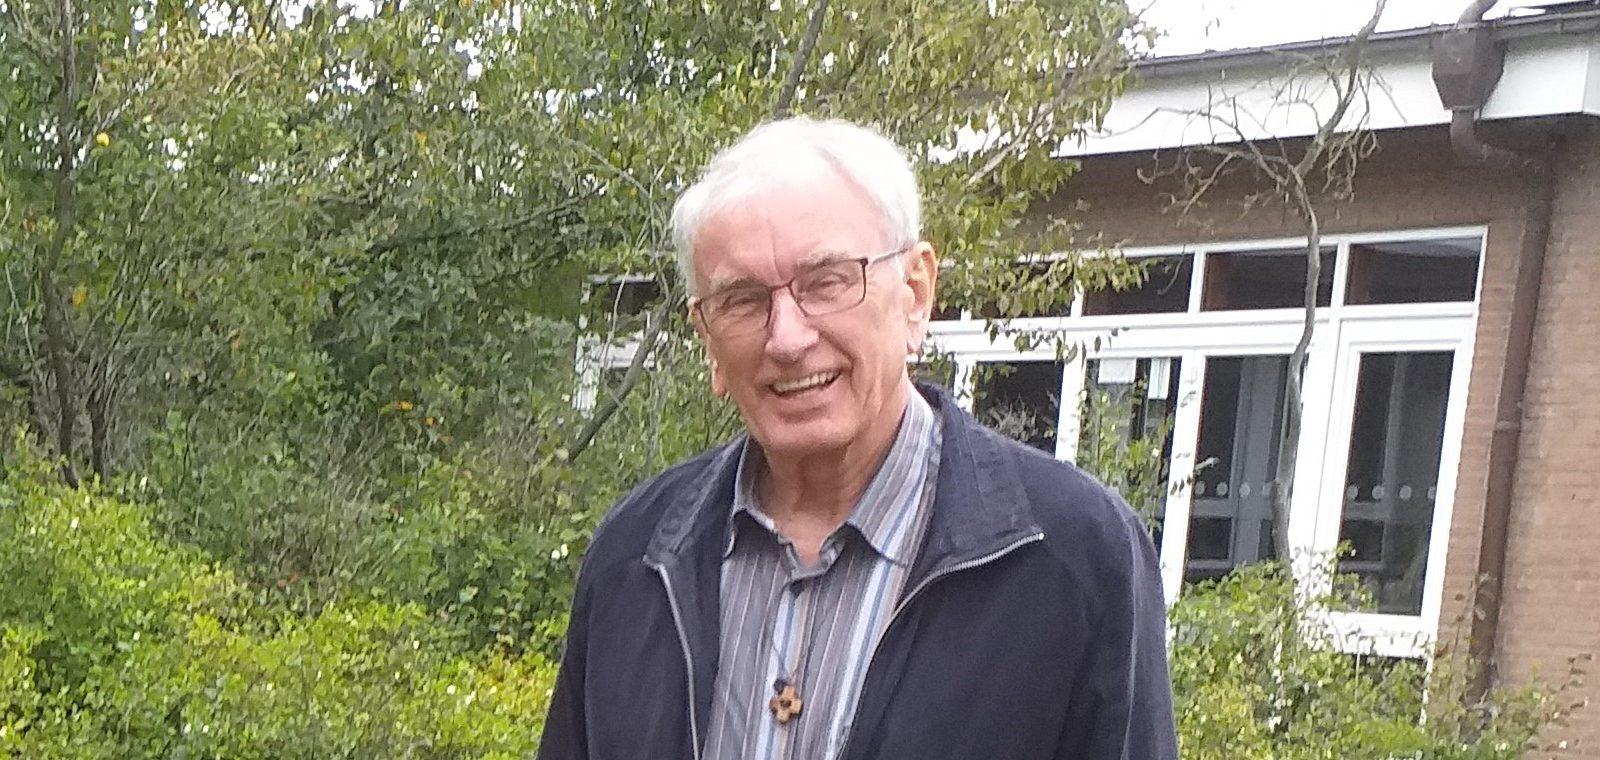 Pater Hülsmann